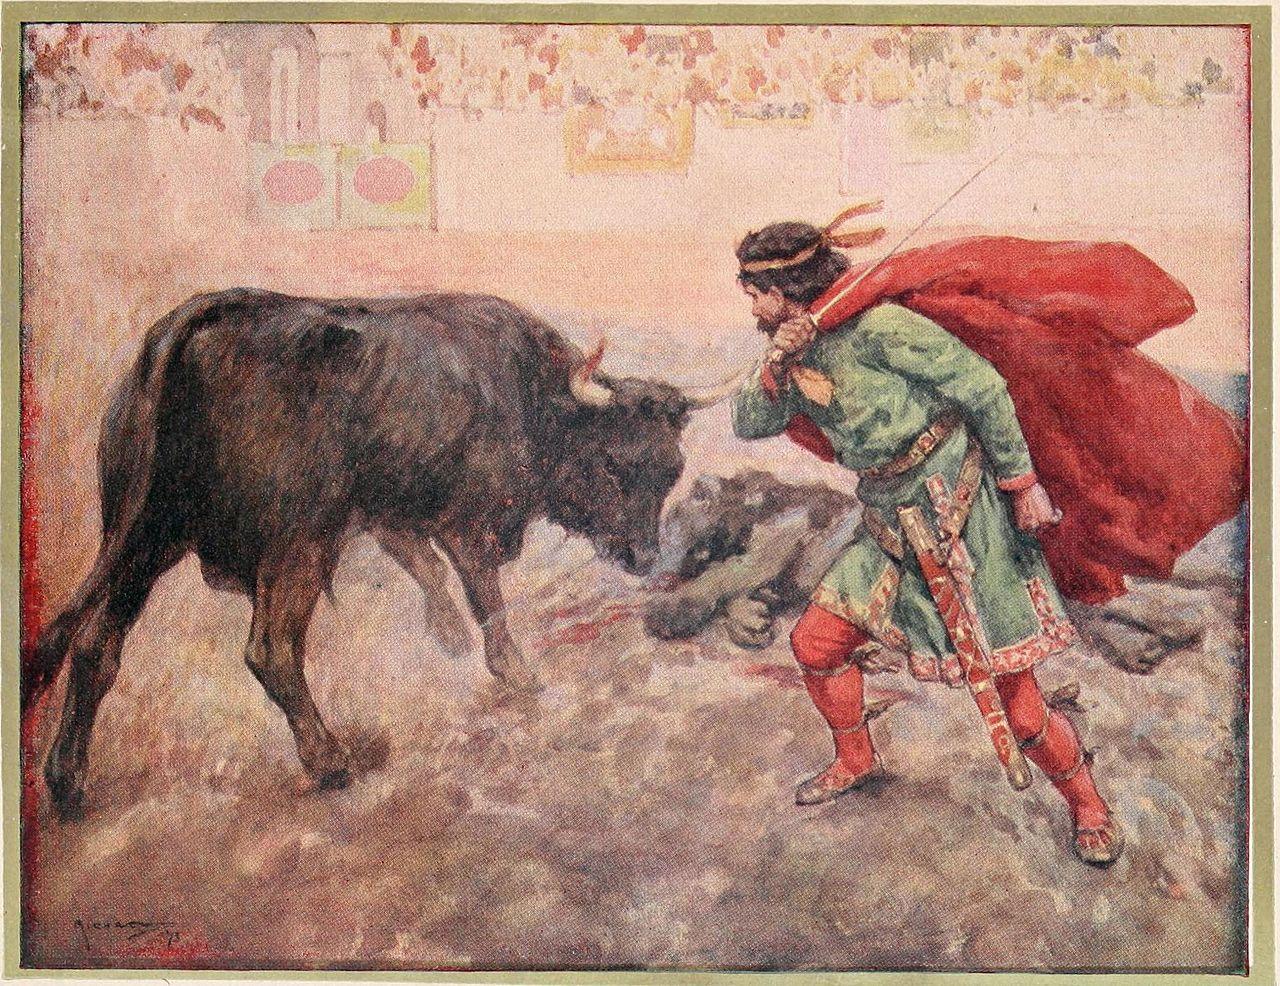 Аллегорическое изображение Пипина, повергающего своих врагов (по легенде он одним ударом отрубил головы быку и льву).